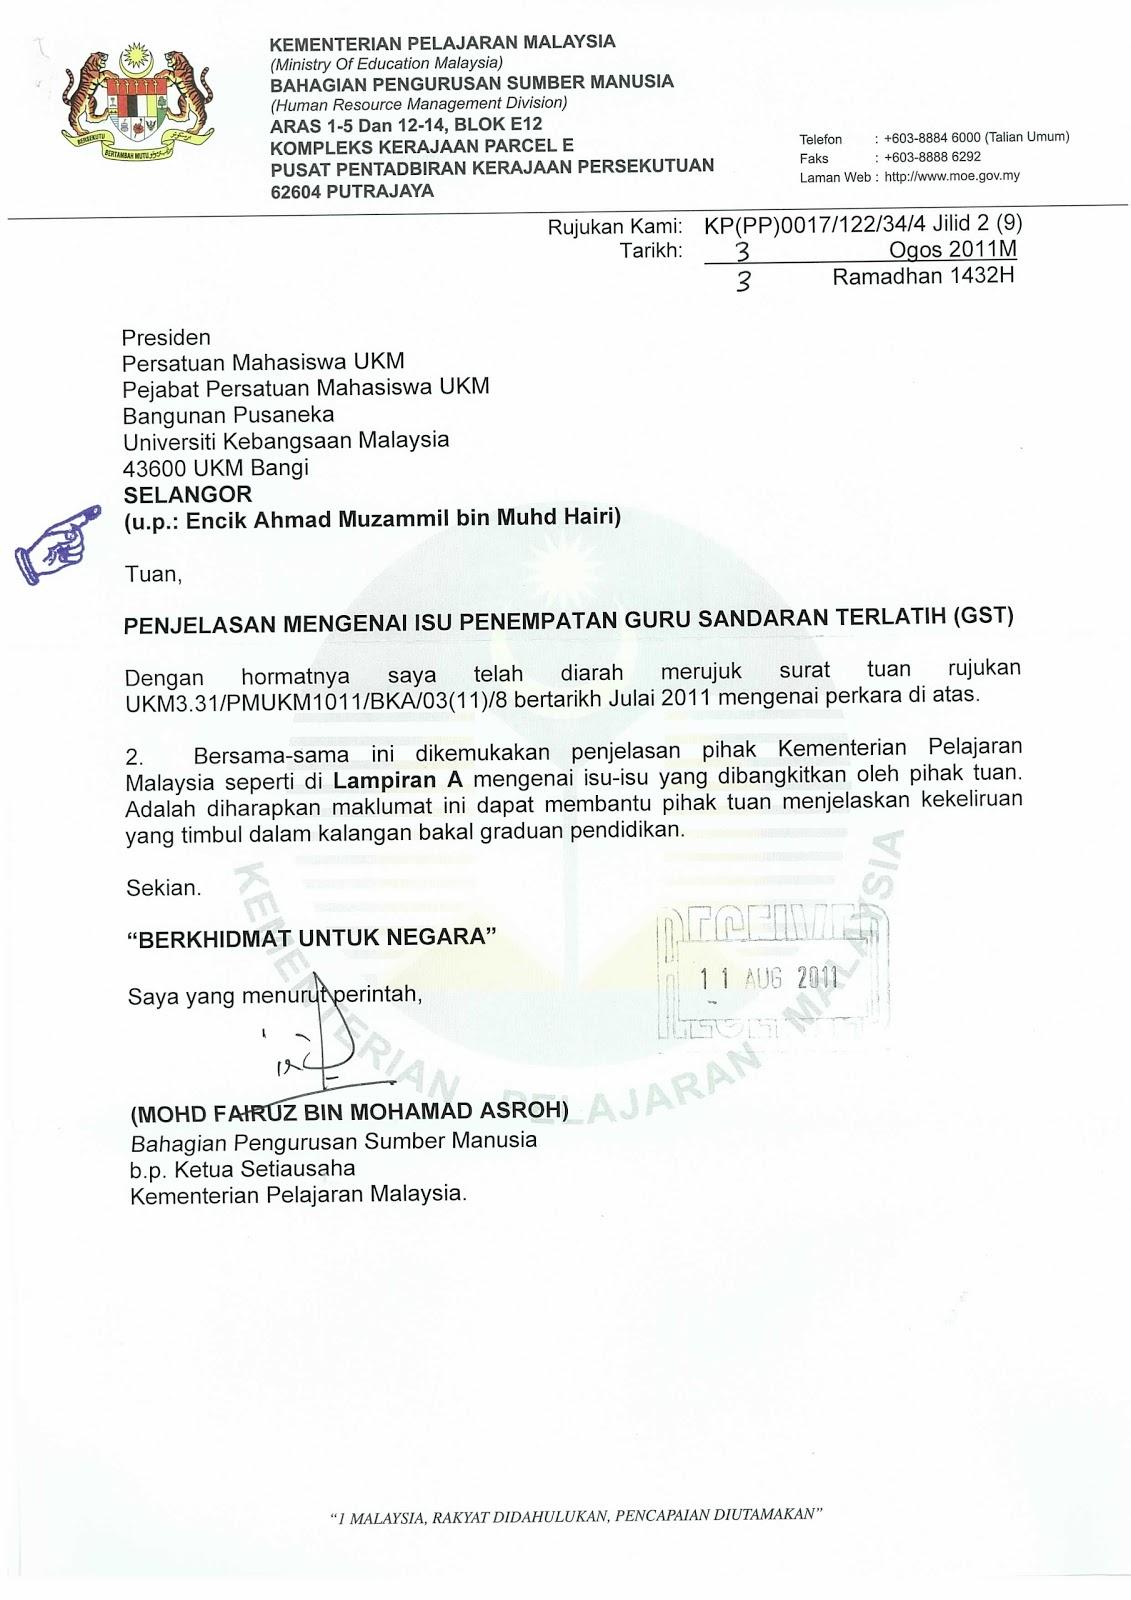 Maklum Balas KPM Berkaitan Isu Guru Sandaran Tak Terlatih (GSTT)